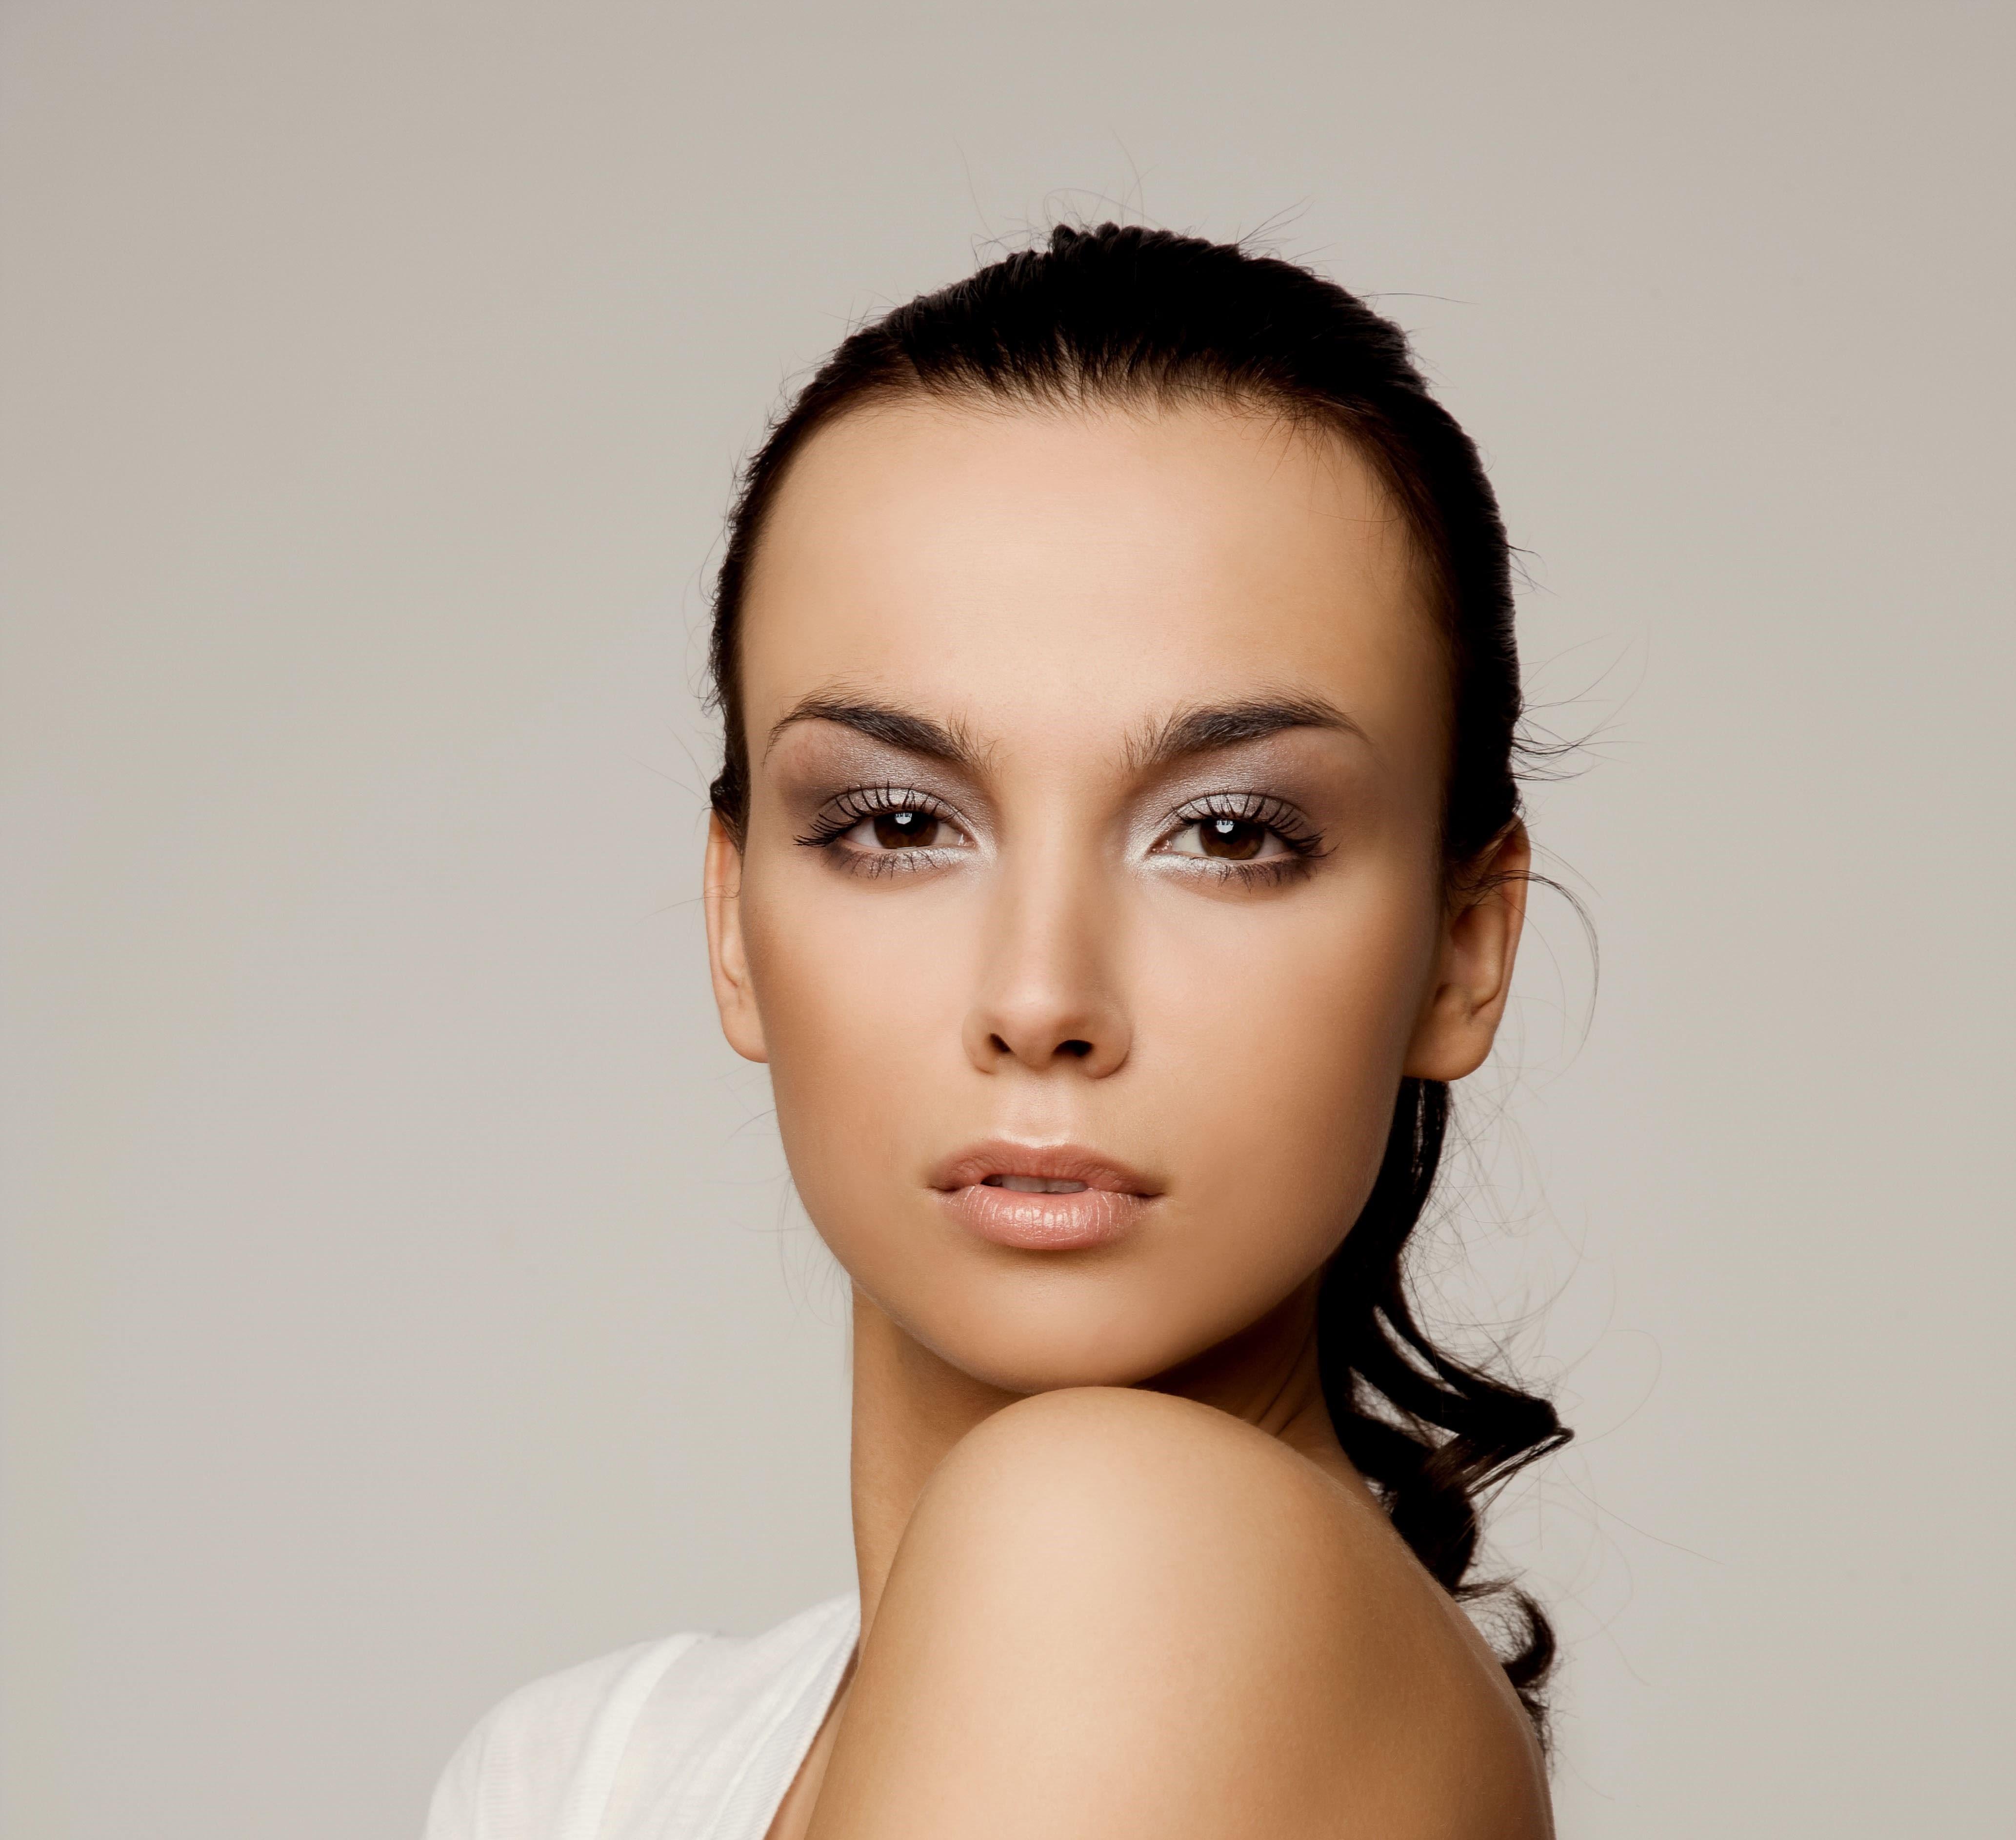 Tendance maquillage : quelles couleurs adopter cet hiver ?